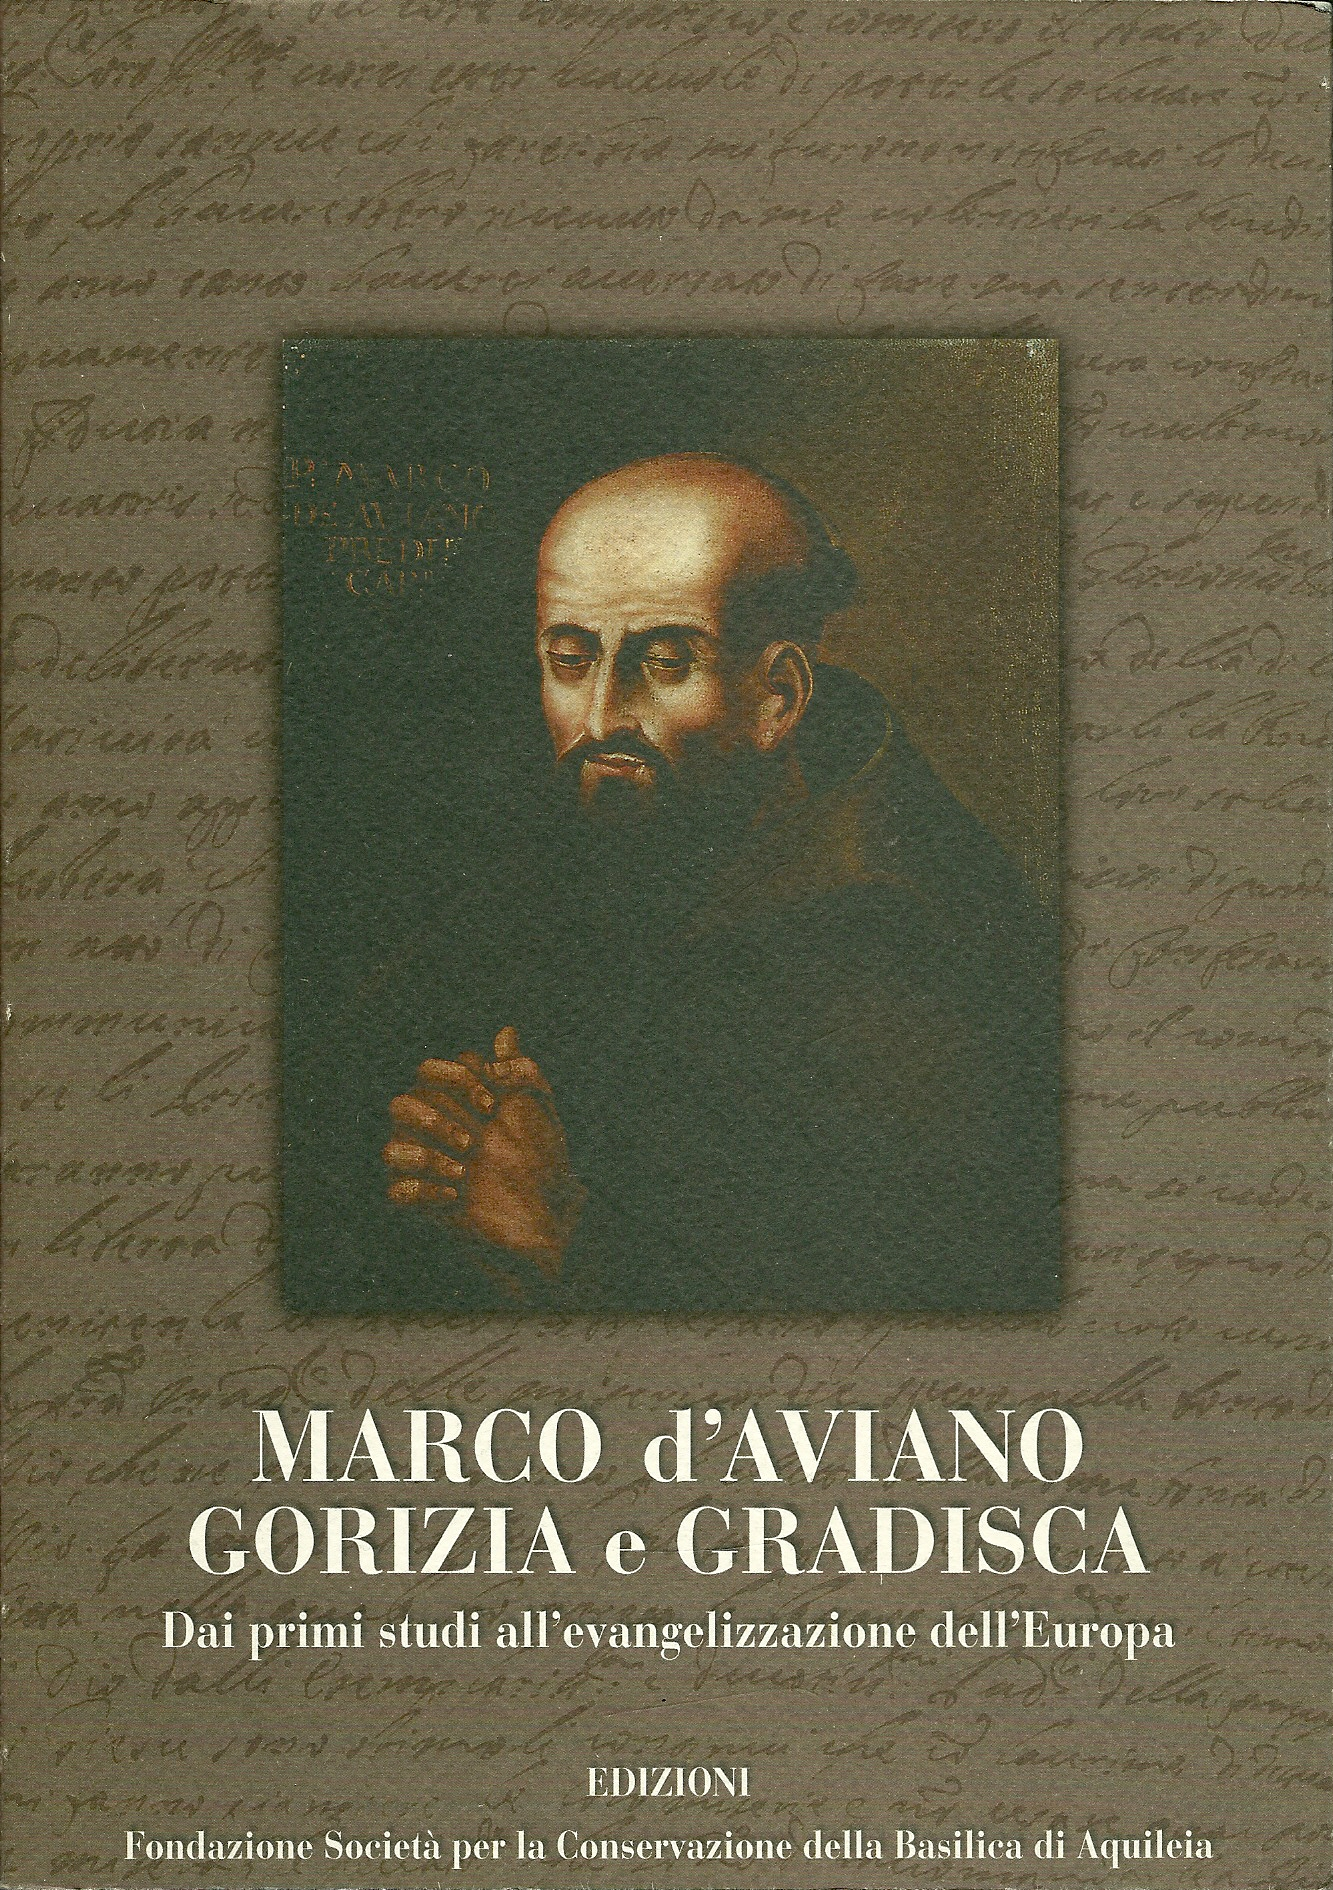 Marco d'Aviano. Gorizia e Gradisca.